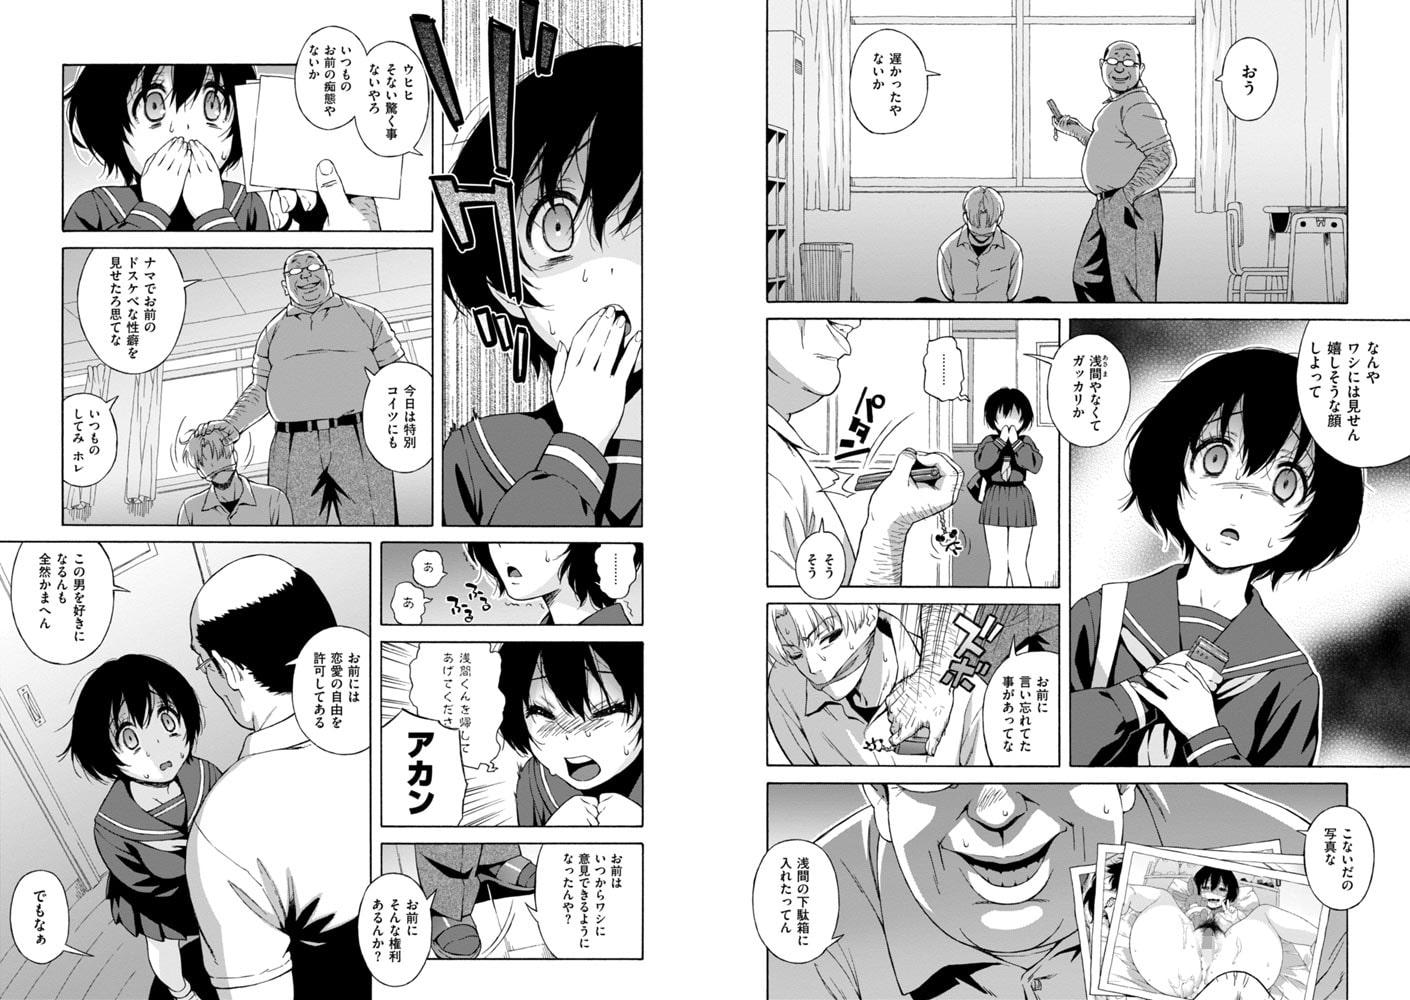 千鶴(ちづる)ちゃん肉便器化計画